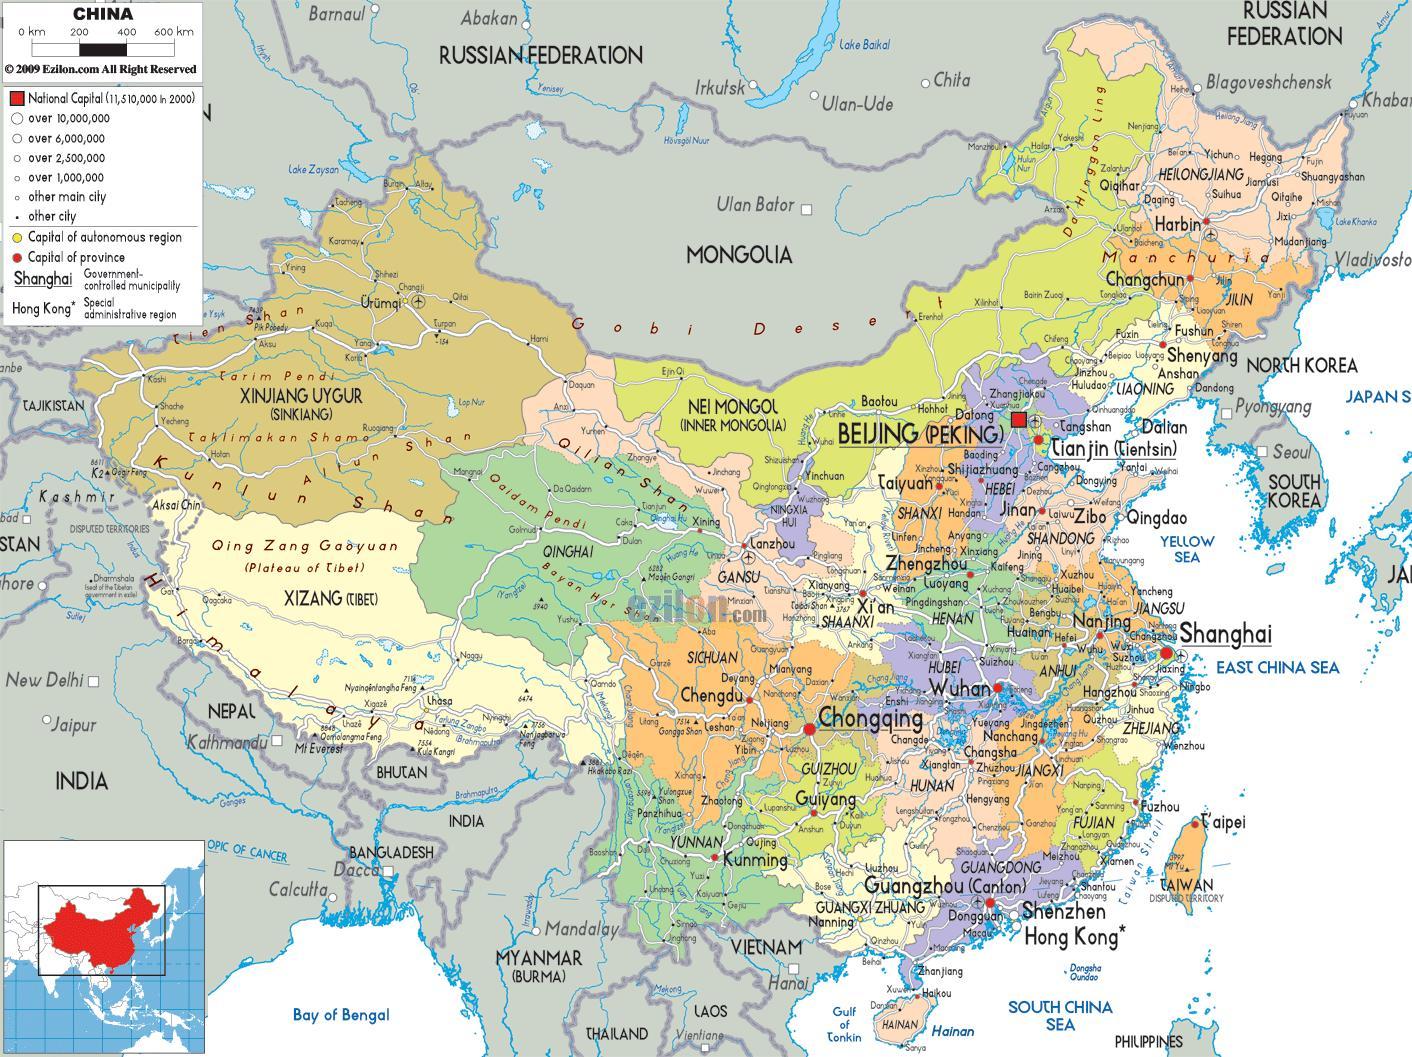 Politische Karte Asien.Politische Karte Von China Politische Karte Von China Ost Asien